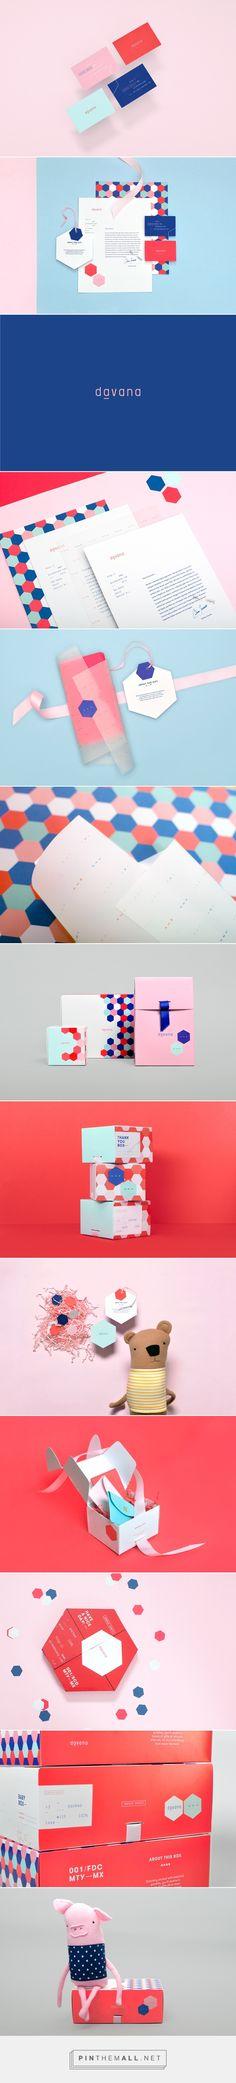 Davana Branding and Packaging by Firmalt